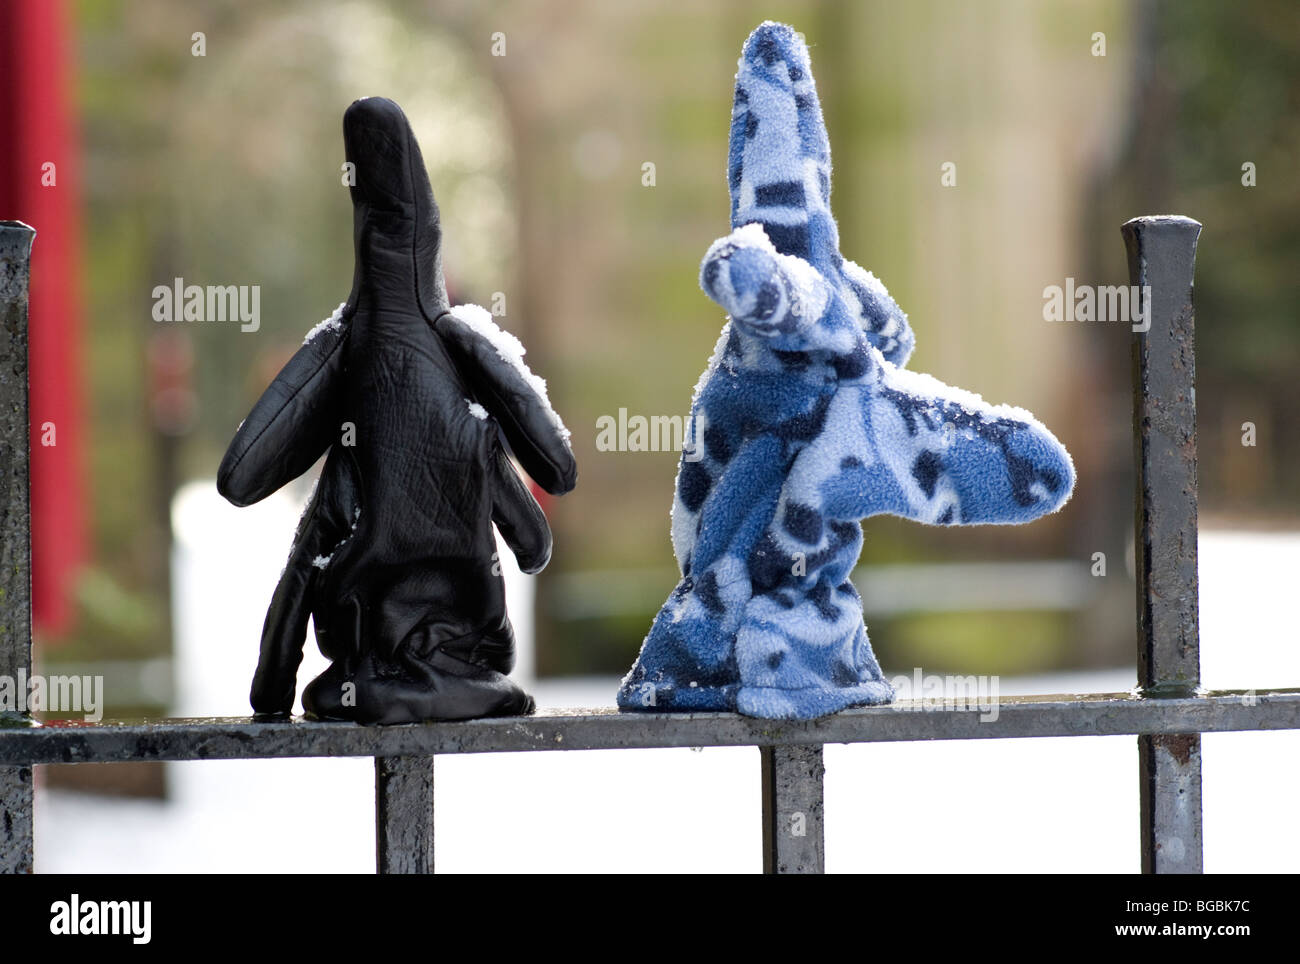 Handschuhe auf Geländer im Schnee verloren Stockfoto